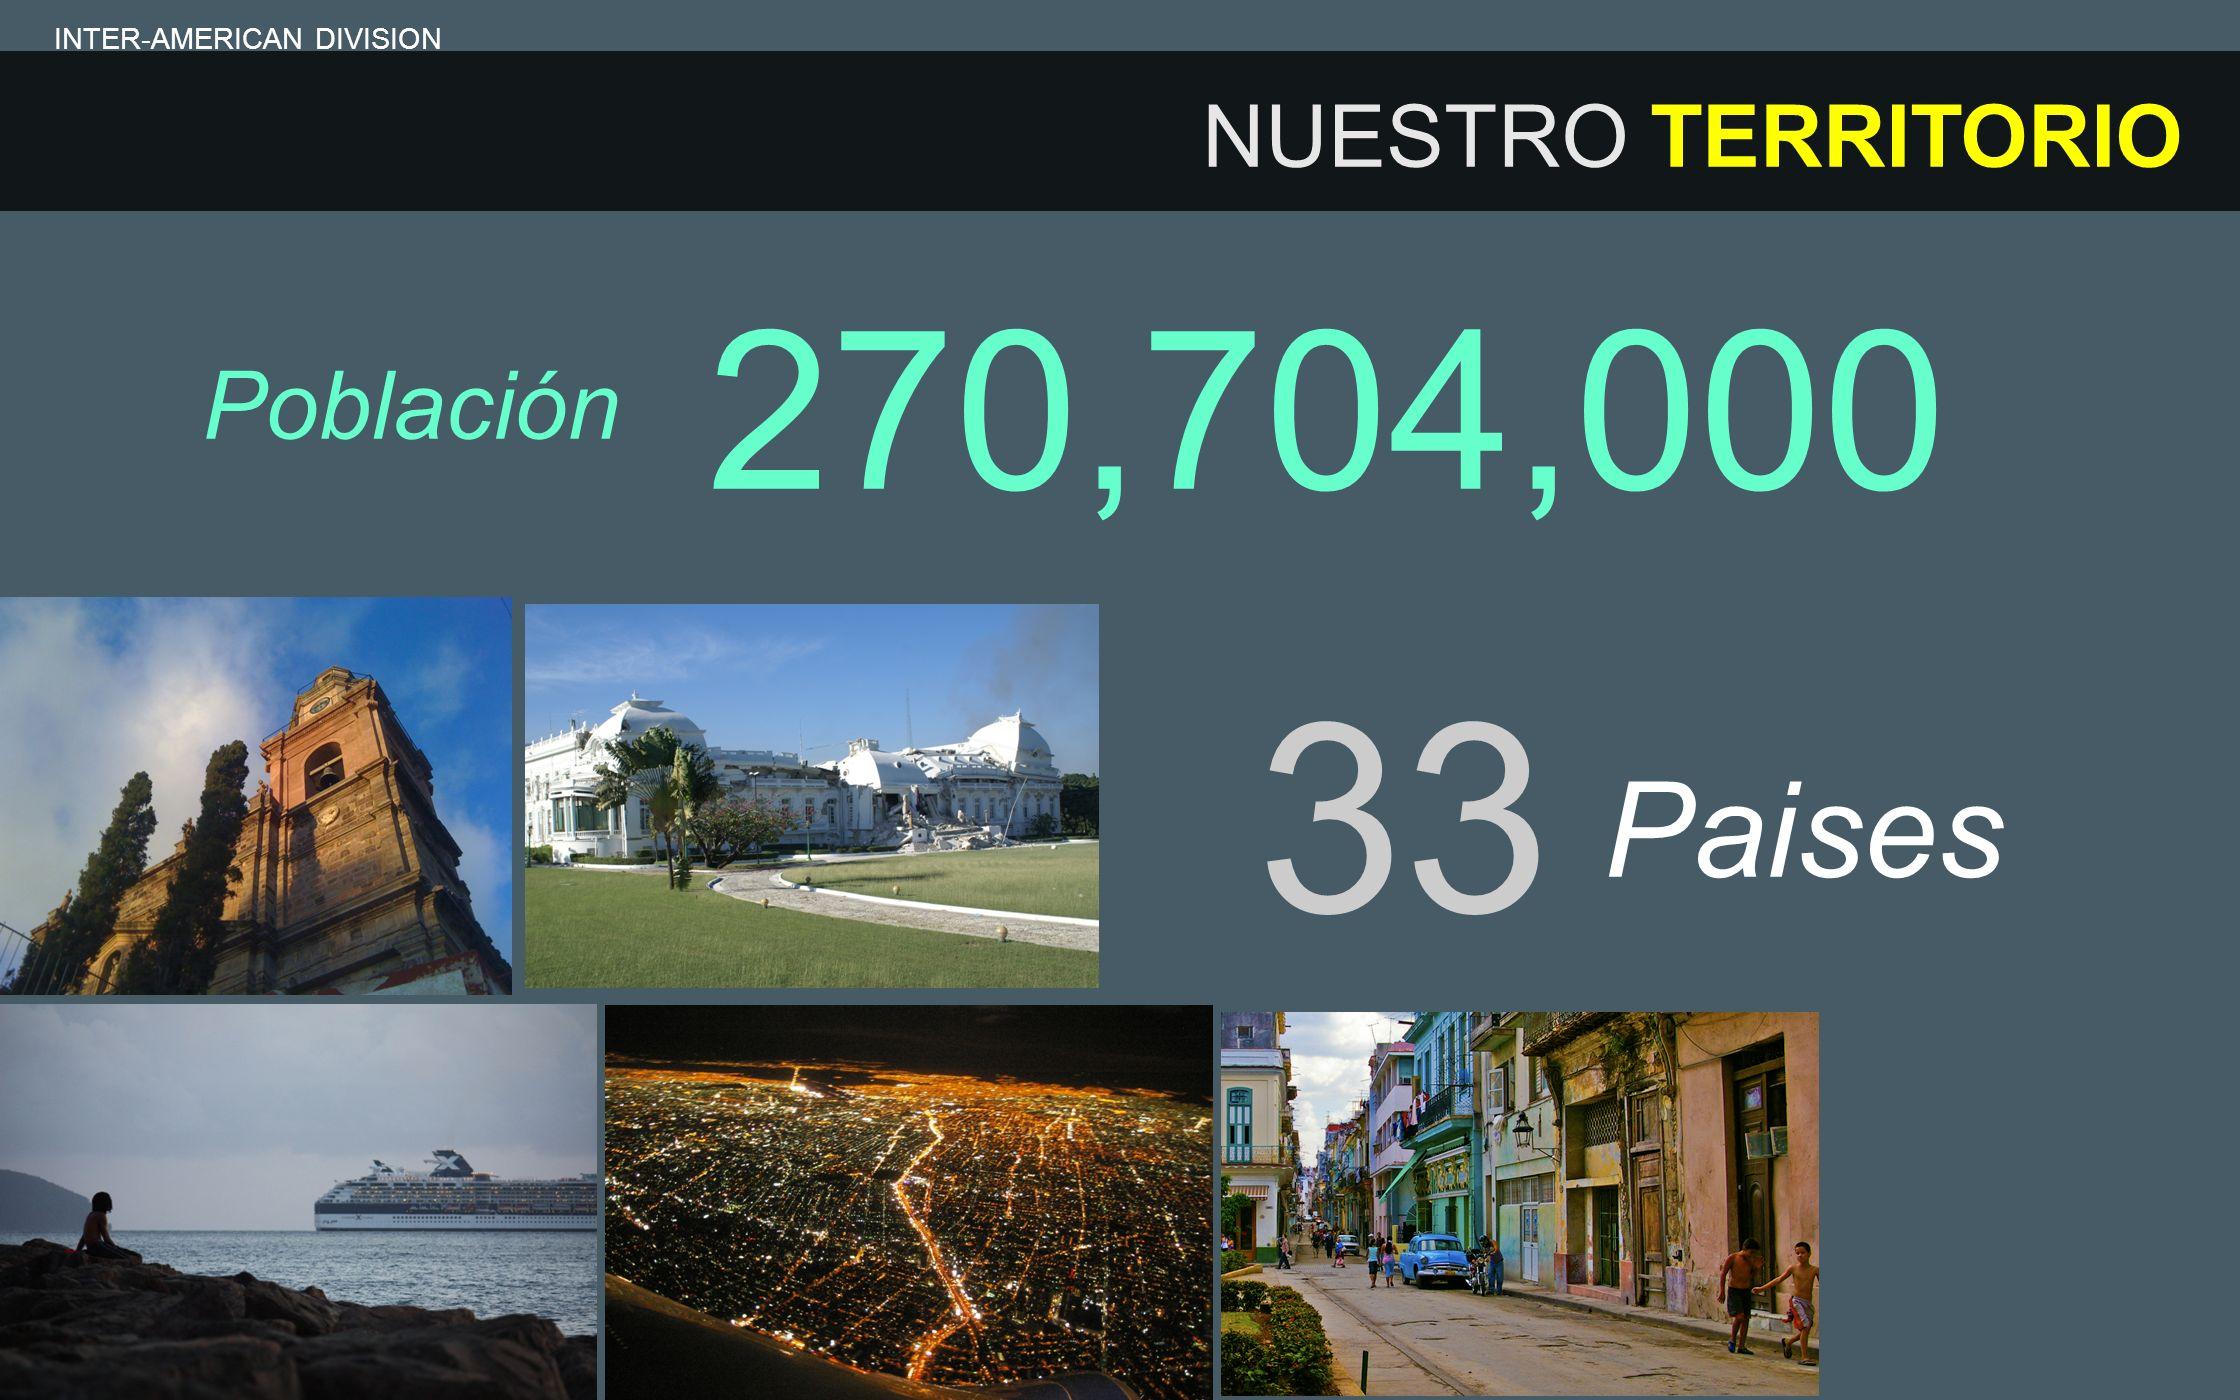 33 270,704,000 Paises Población NUESTRO TERRITORIO